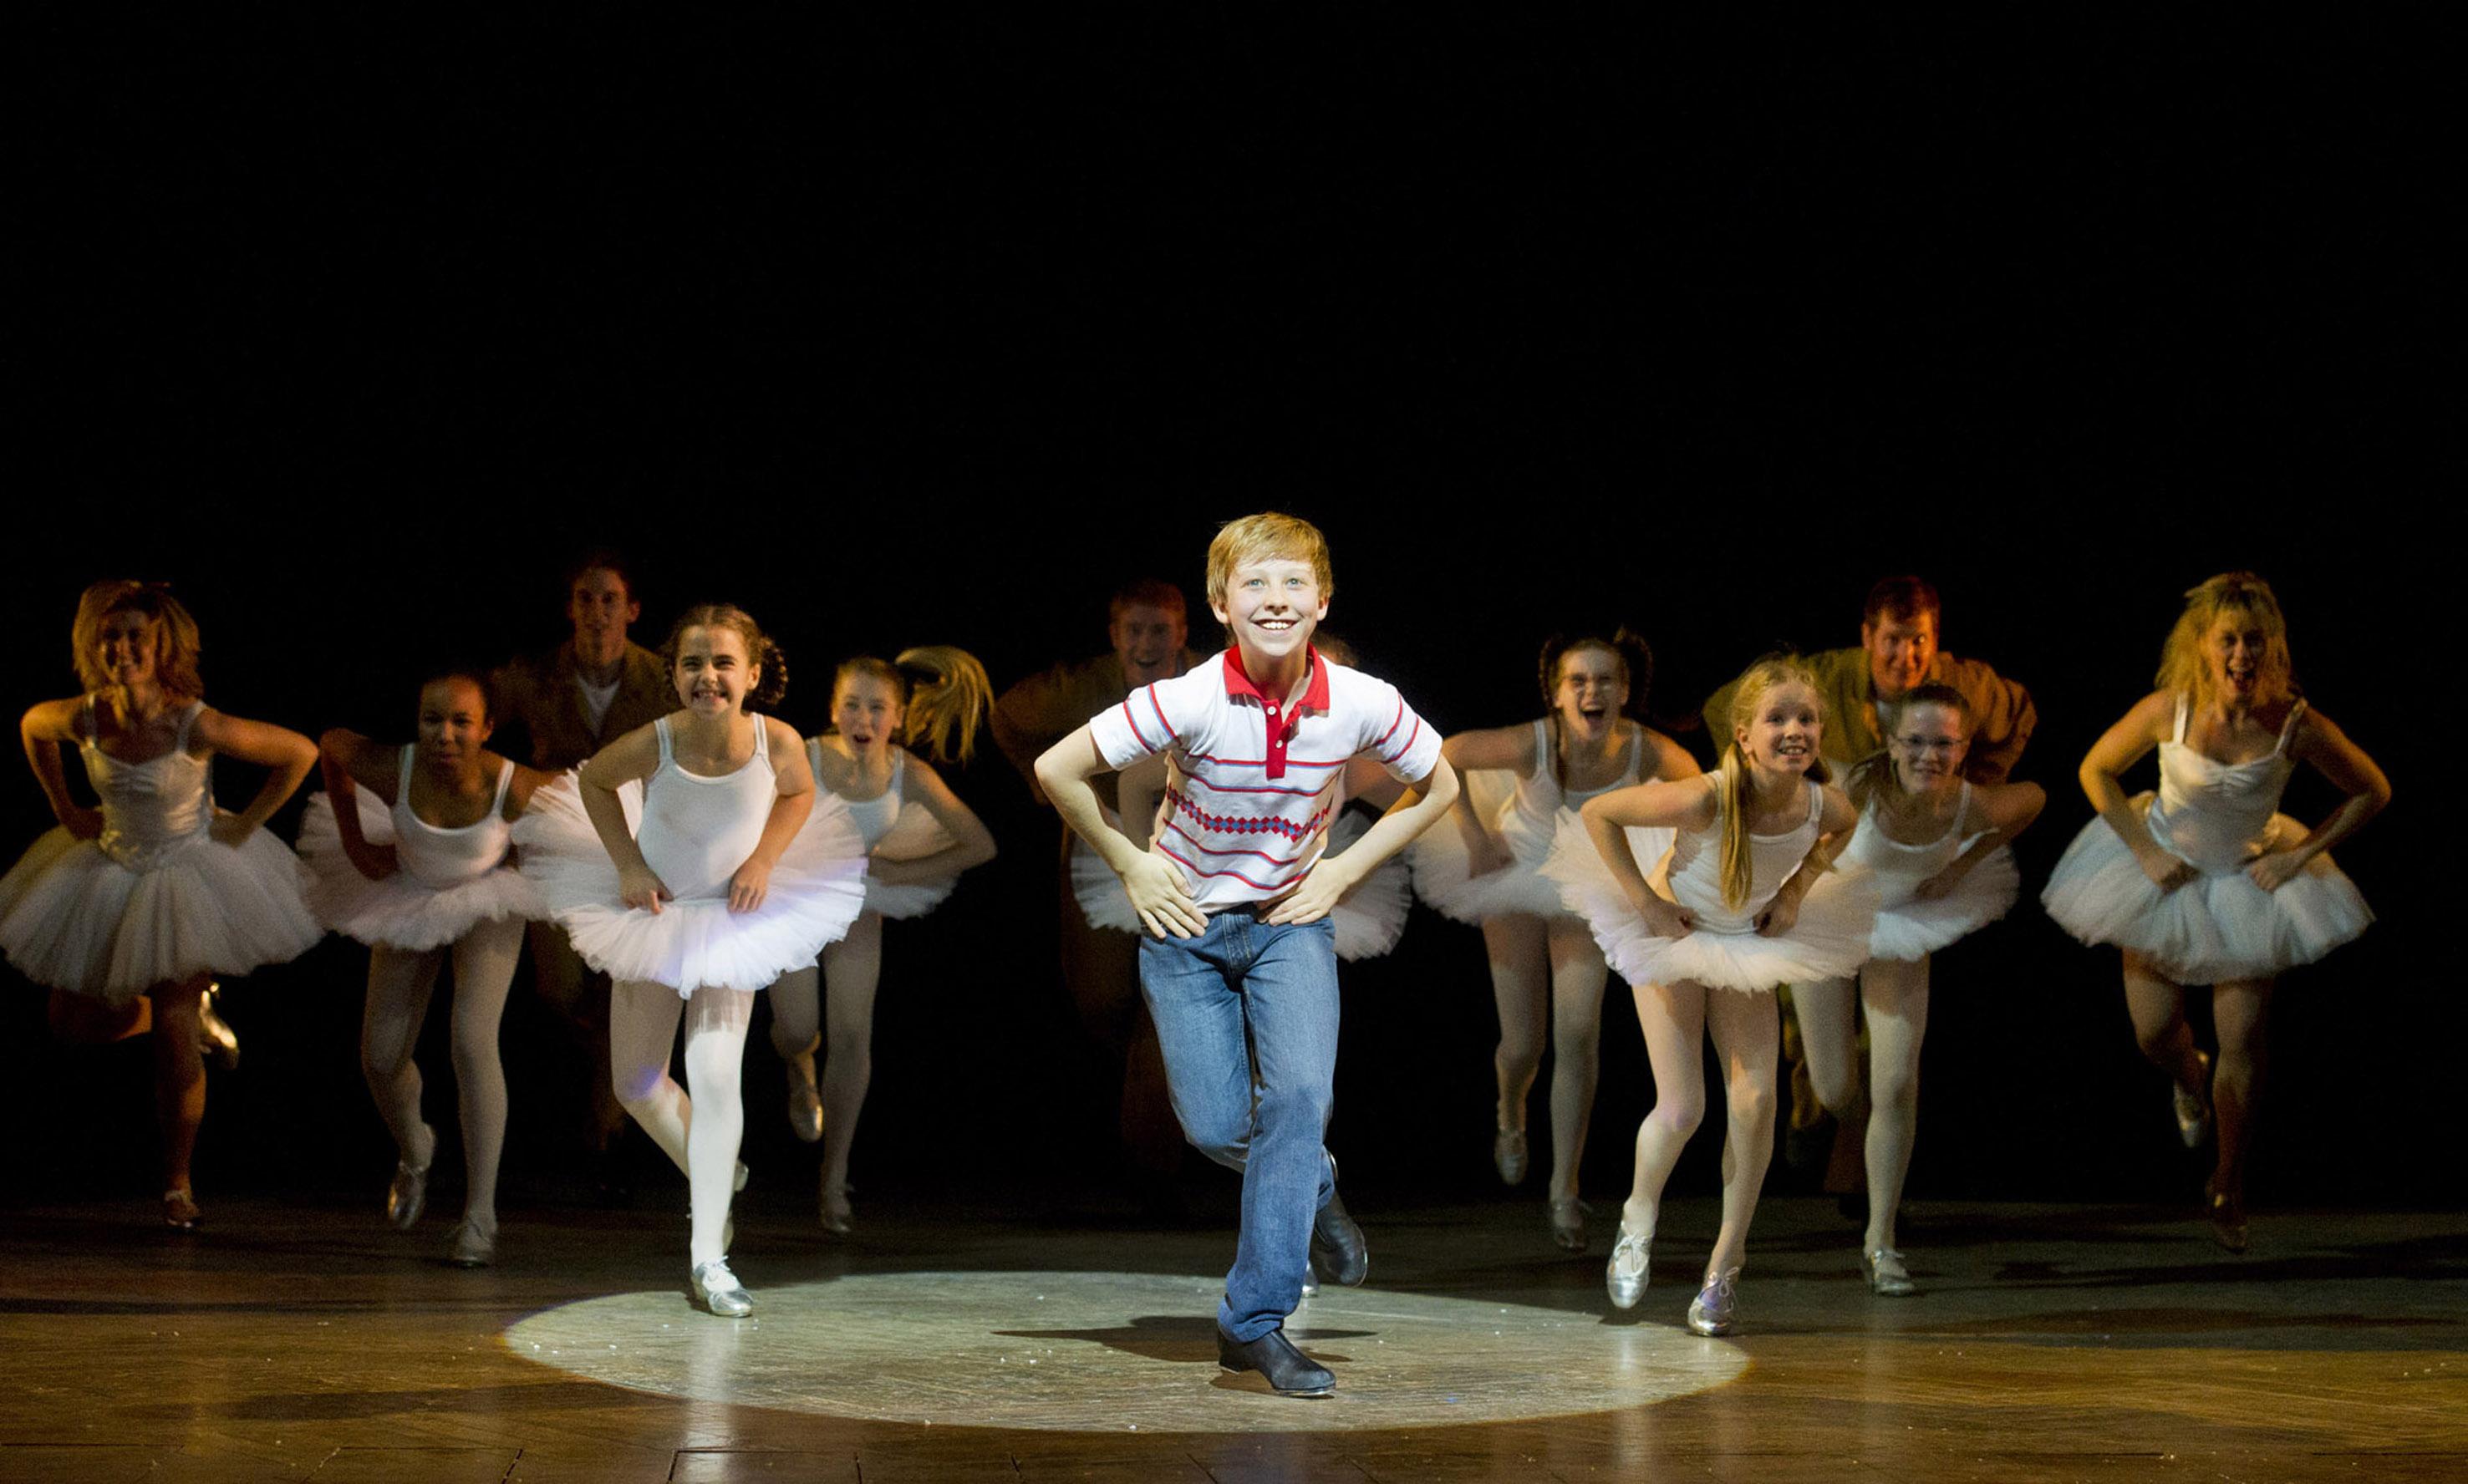 Billy Elliot - Il Musical: una scena del musical teatrale